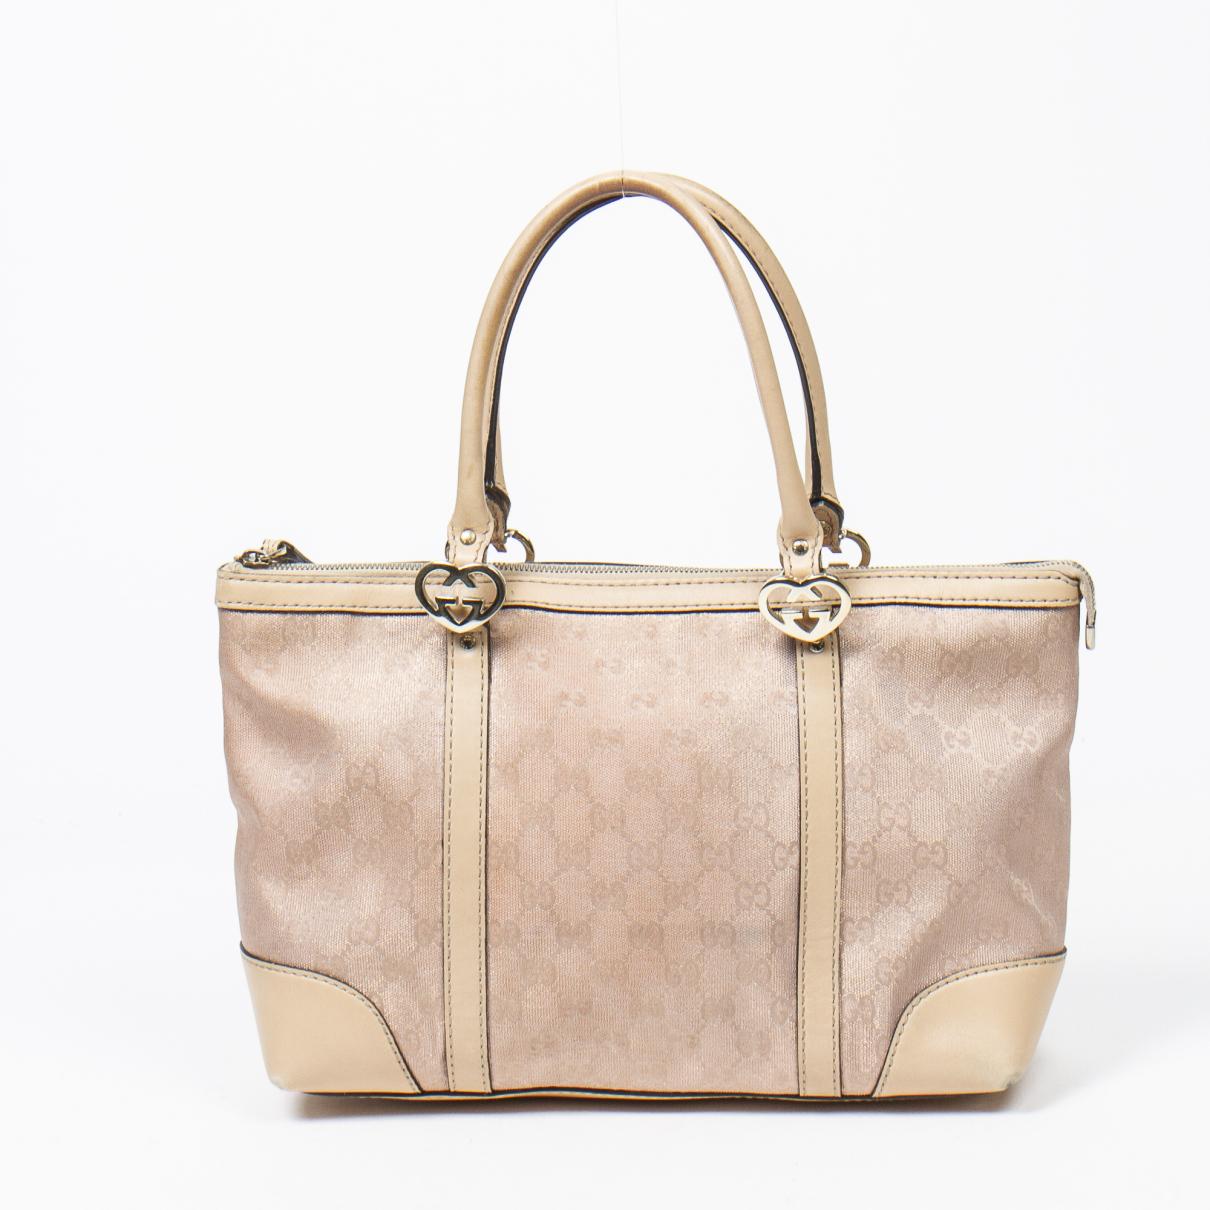 Gucci Interlocking Handtasche in  Beige Baumwolle